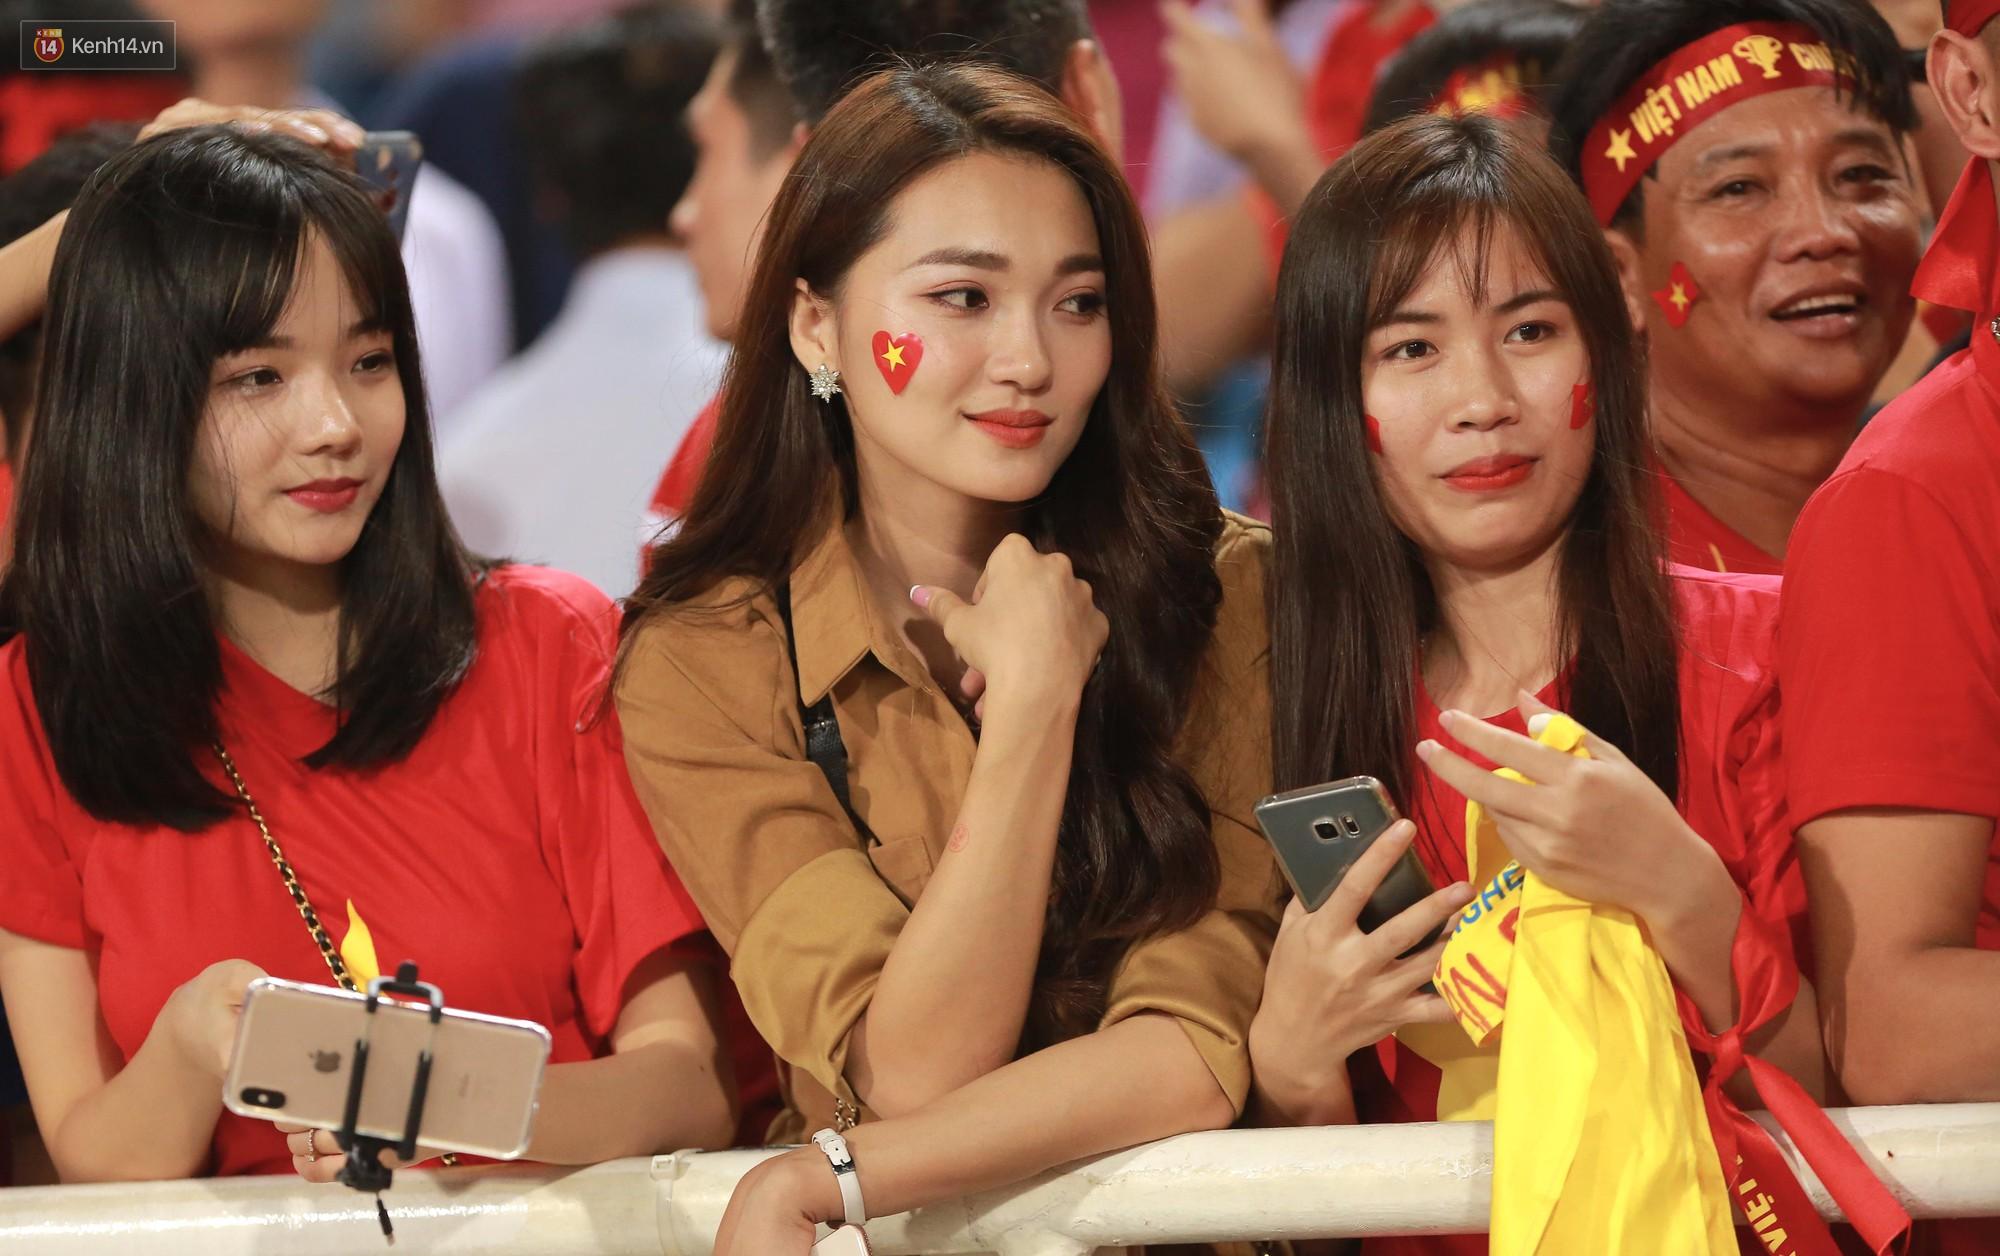 Tuyển Việt Nam thắng trận, hot girl Ngọc Nữ vẫy tay chào bạn trai tin đồn Văn Đức từ khán đài - Ảnh 1.